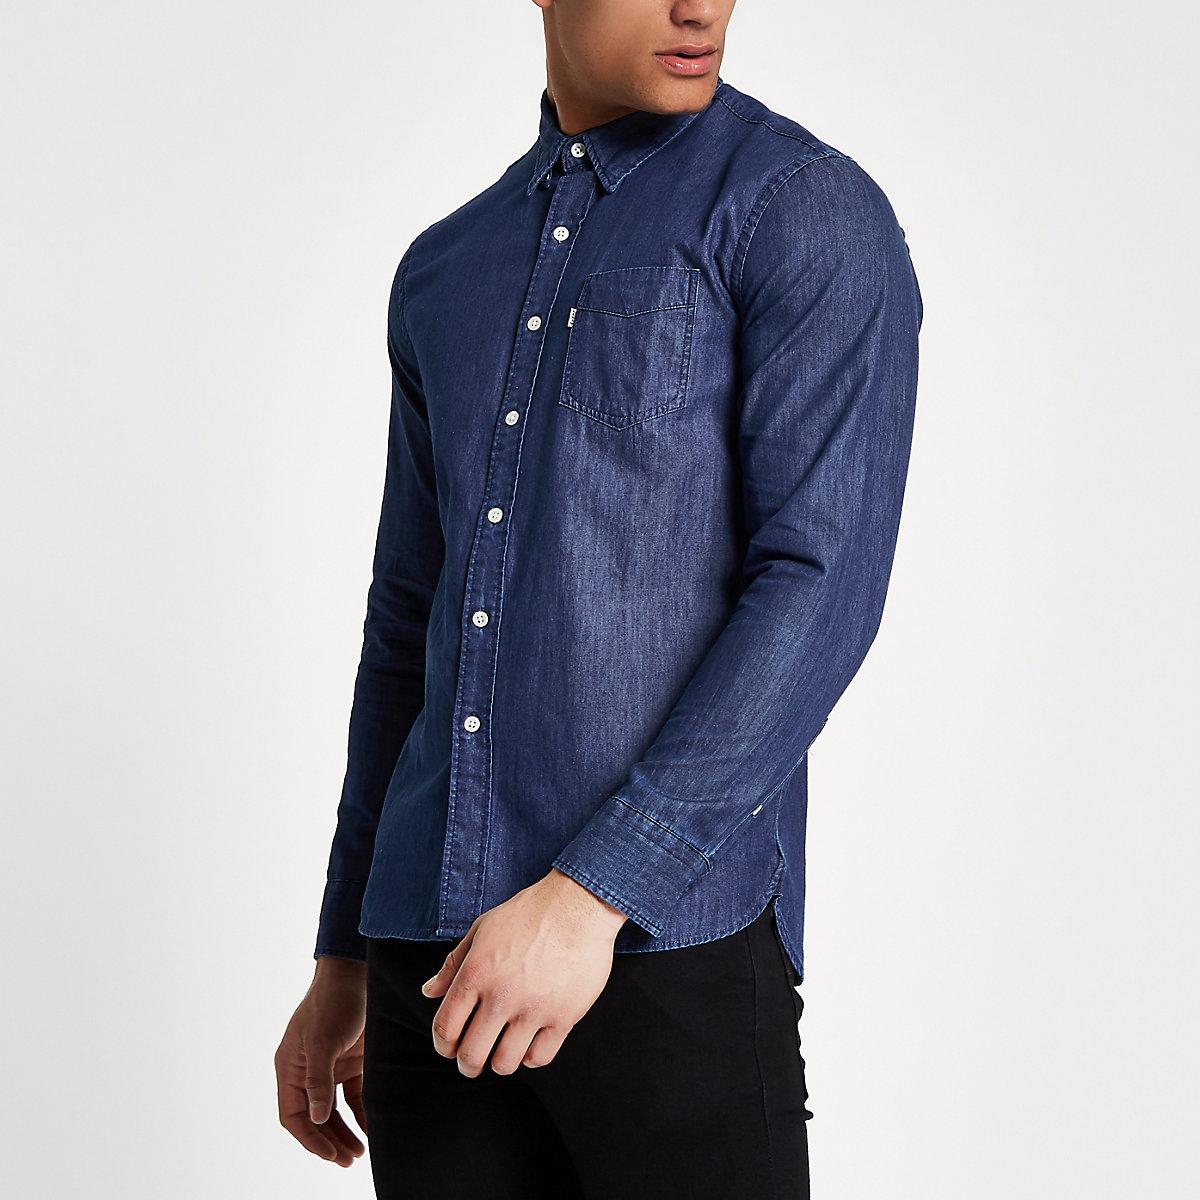 Levi's blue long sleeve denim shirt